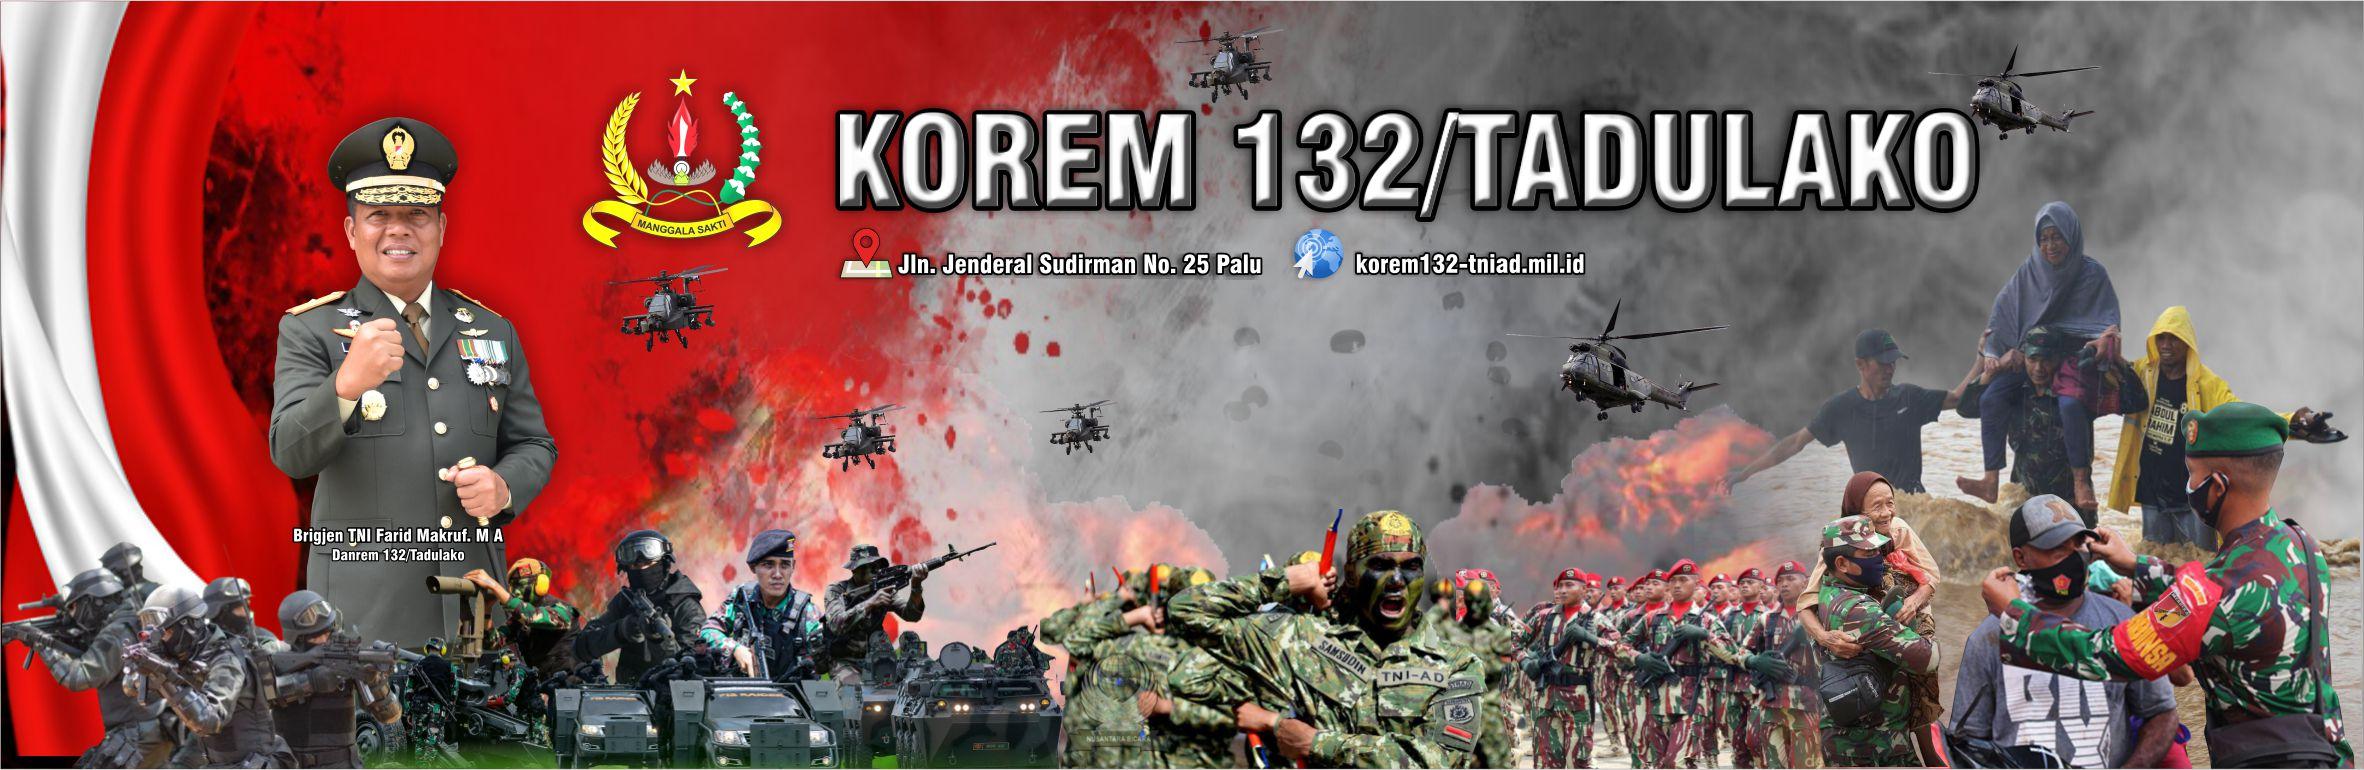 Korem 132 Tadulako